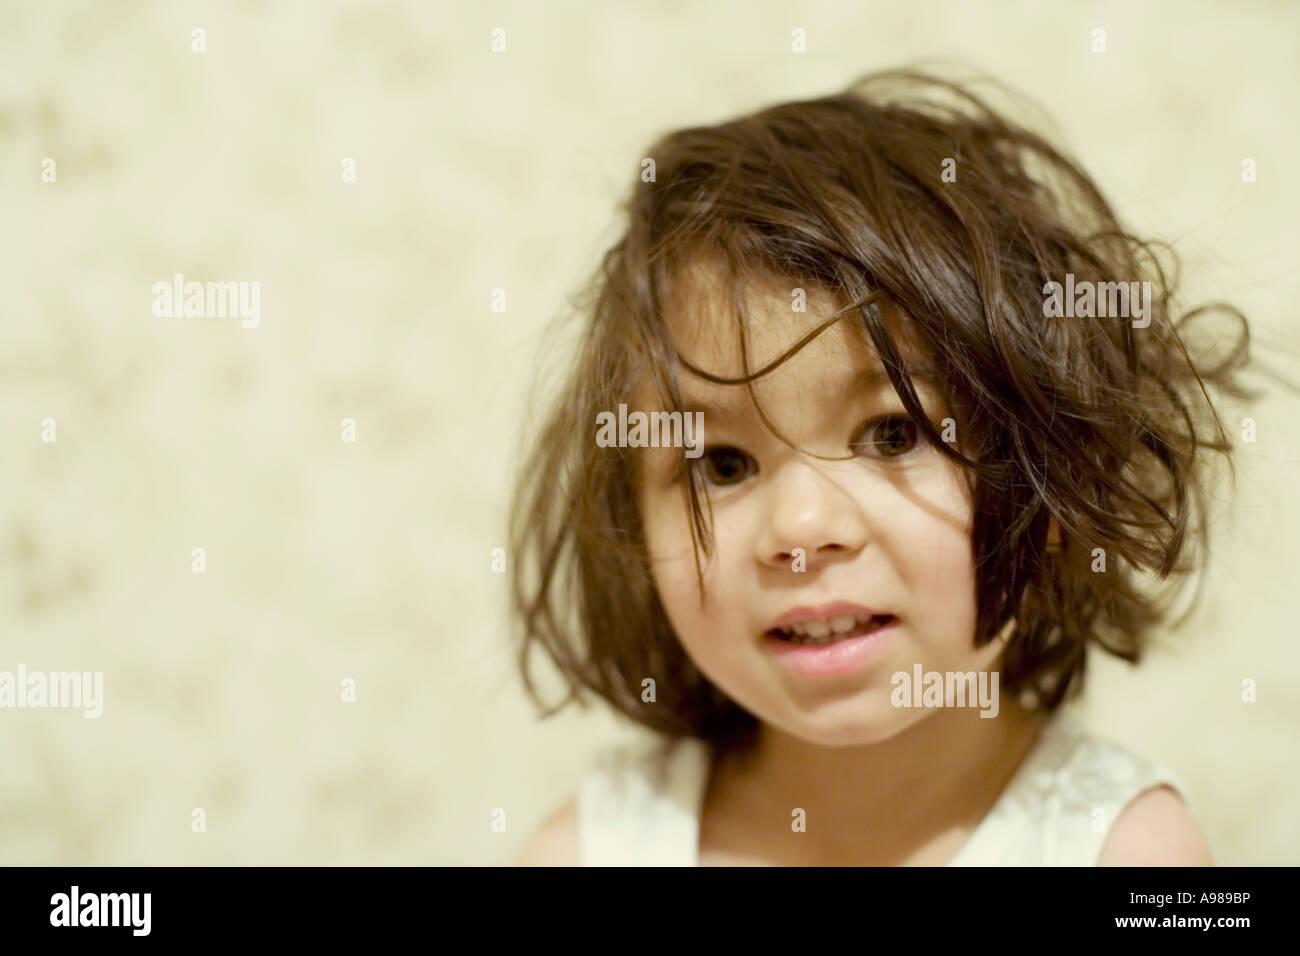 Mädchen erwacht mit strubbeligem Haar Stockbild